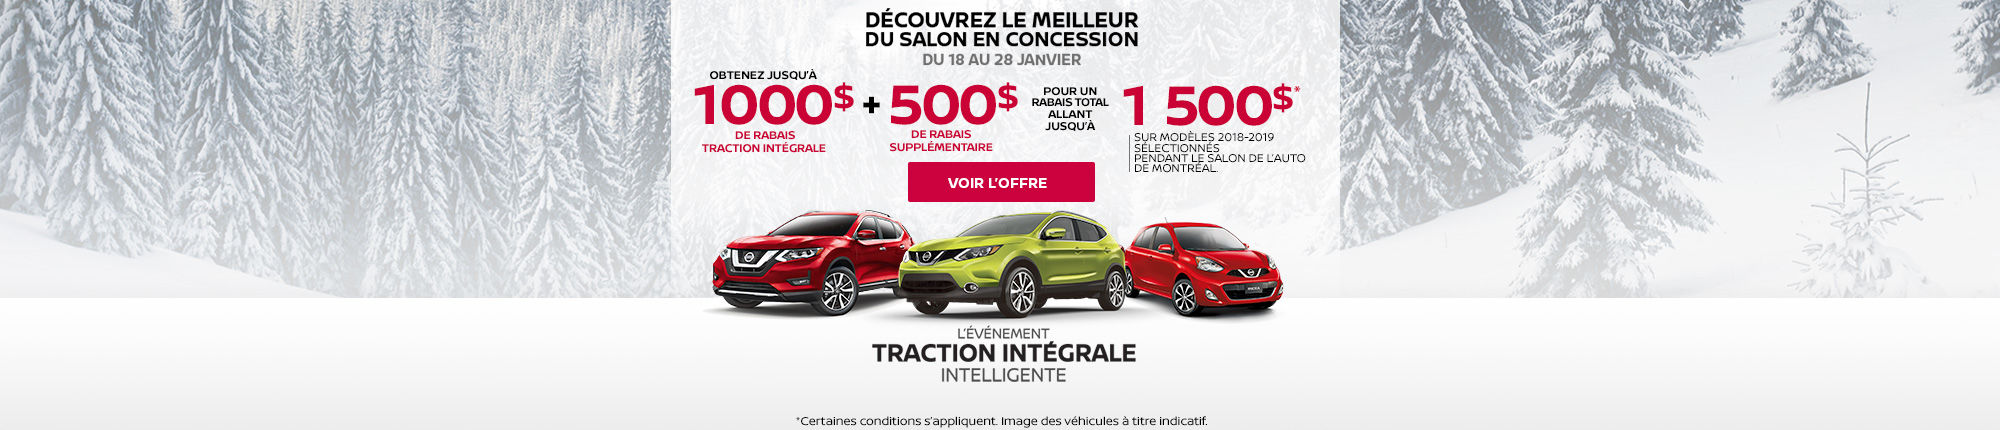 L'ÉVÉNEMENT TRACTION INTÉGRALE INTELLIGENTE!